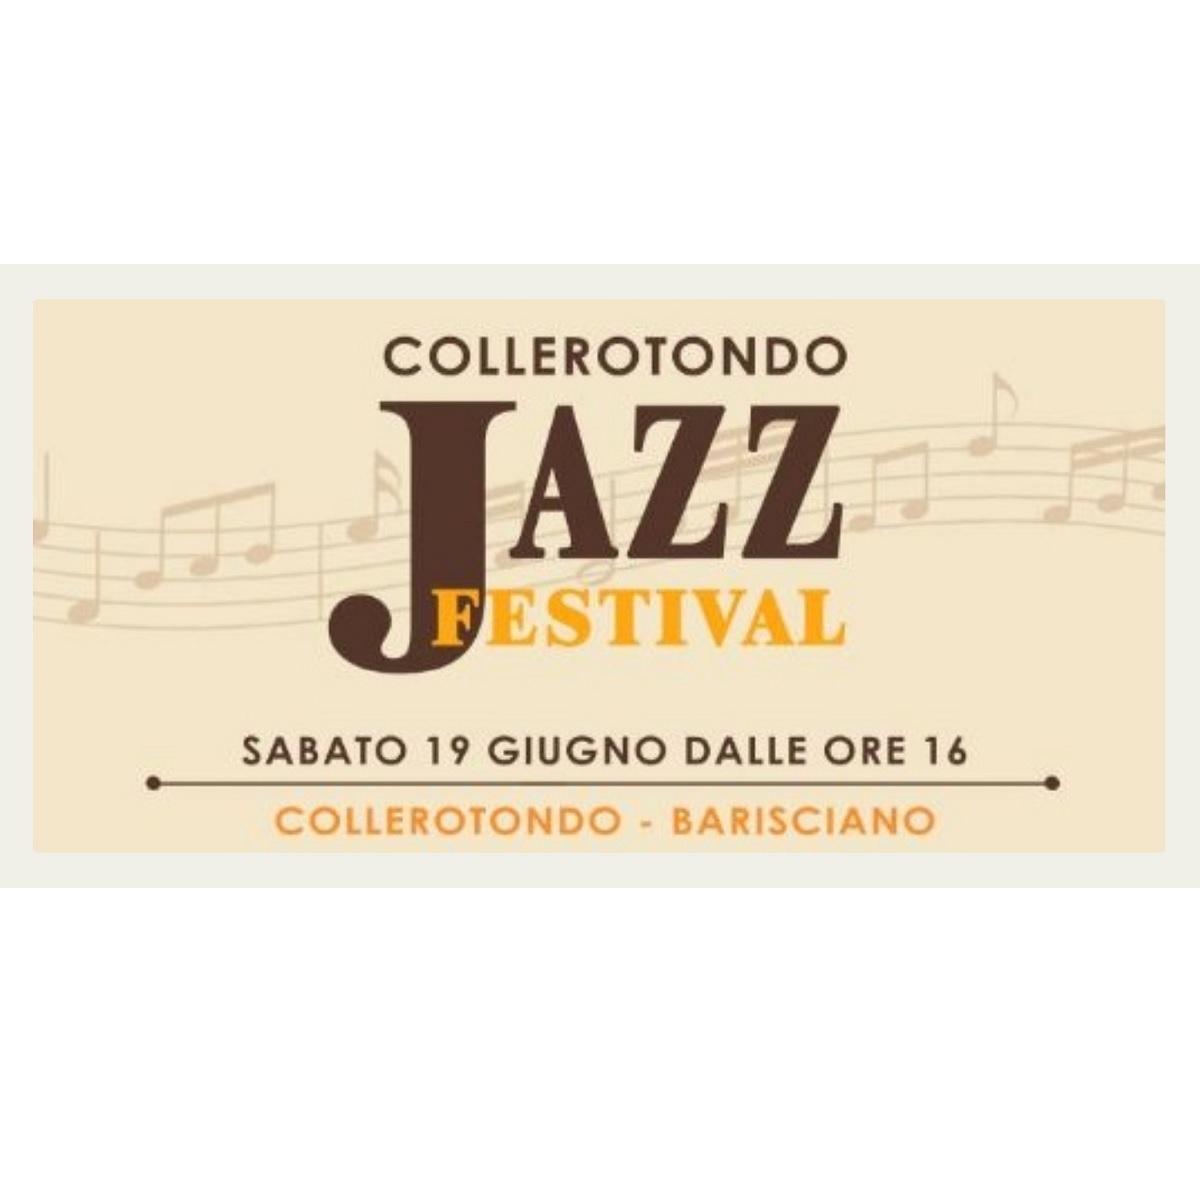 Collerotondo Jazz Festival a Barisciano 19 giugno 2021 foto